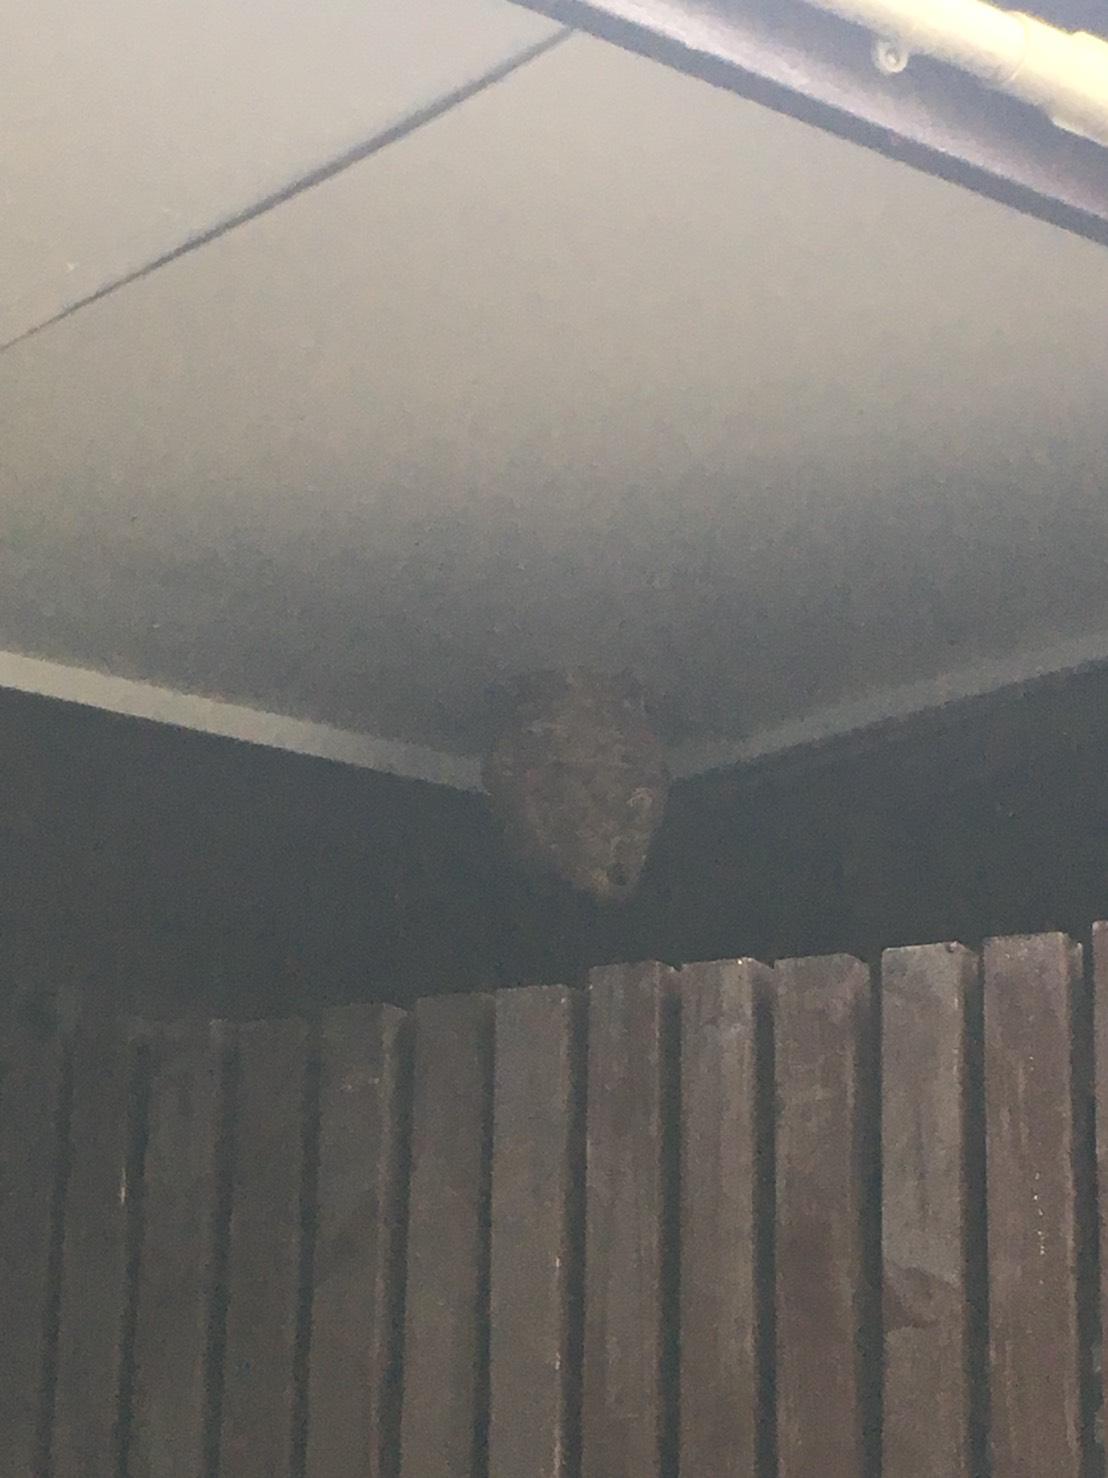 【千葉県柏市今谷上町】9月6日、スズメバチの蜂の巣駆除依頼がありました【場所:玄関横】